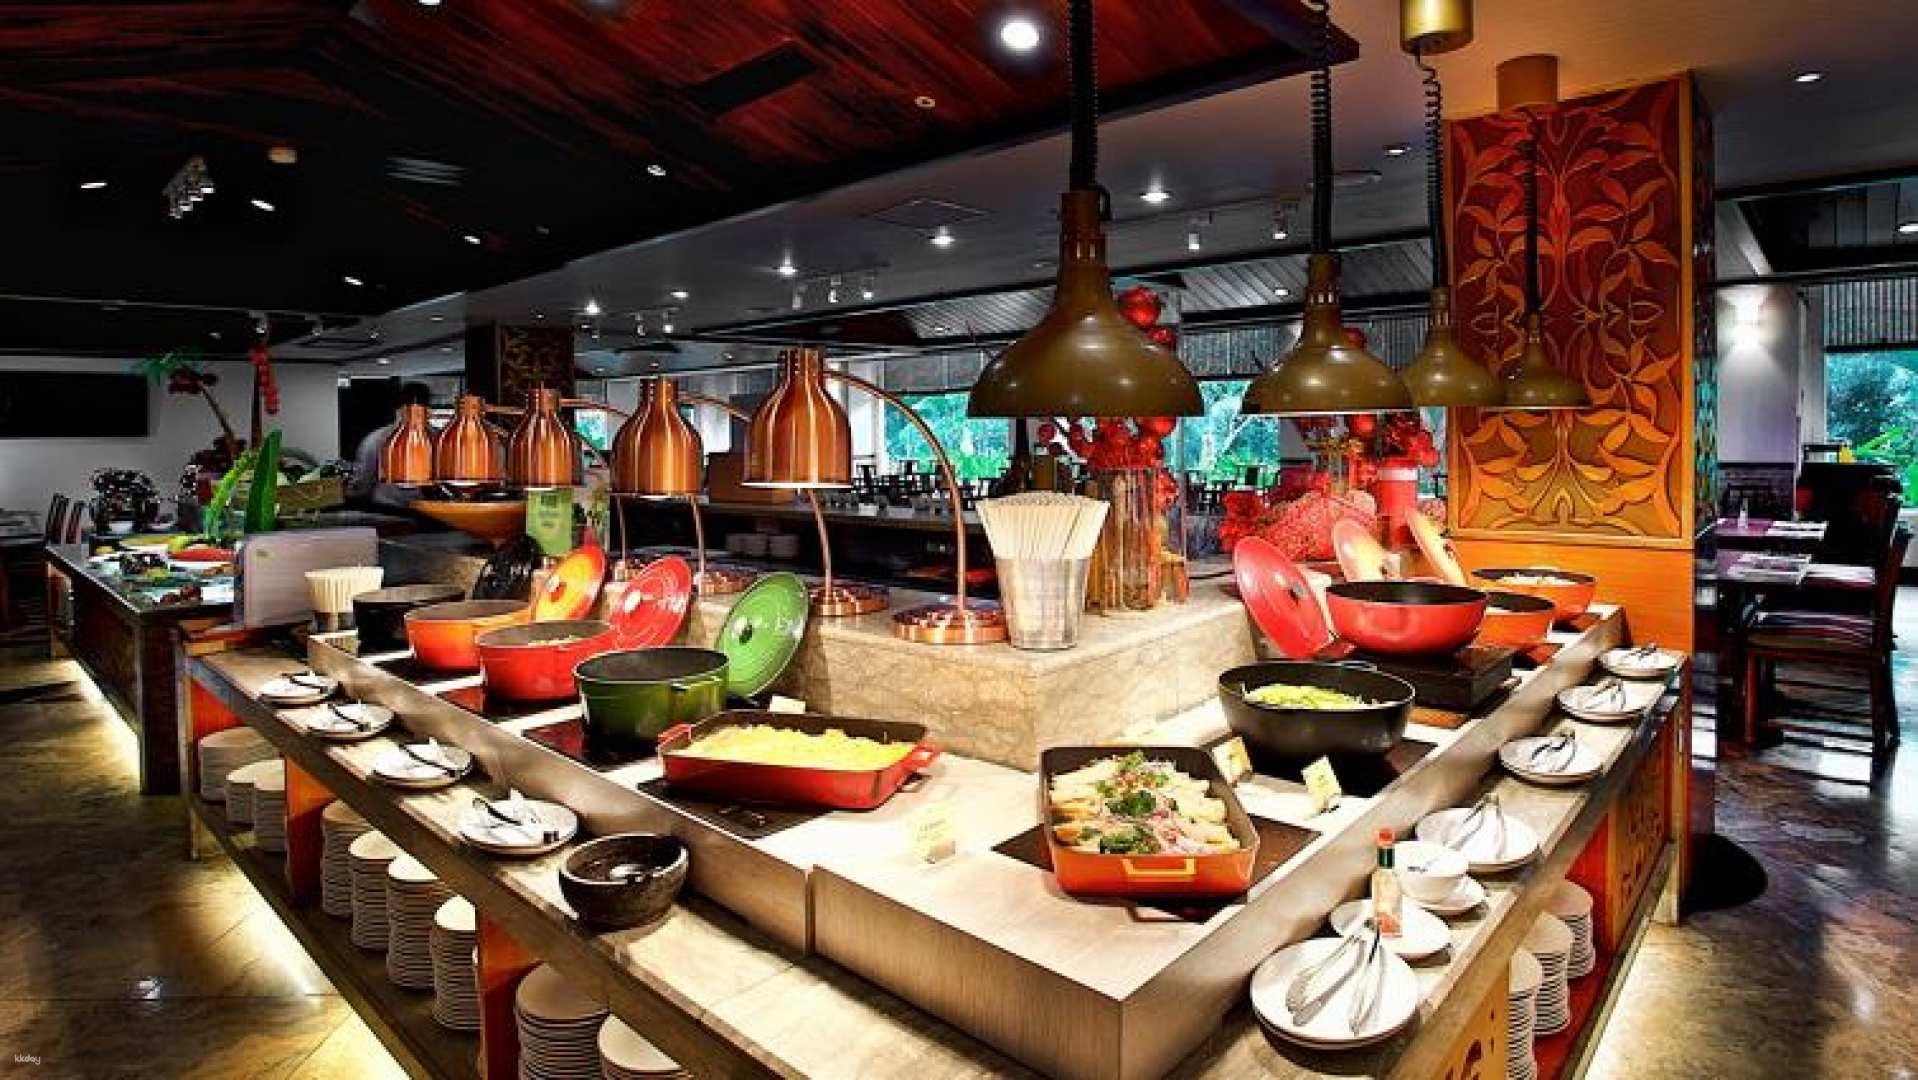 台東-知本老爺酒店| 那魯灣餐廳晚餐&泡湯